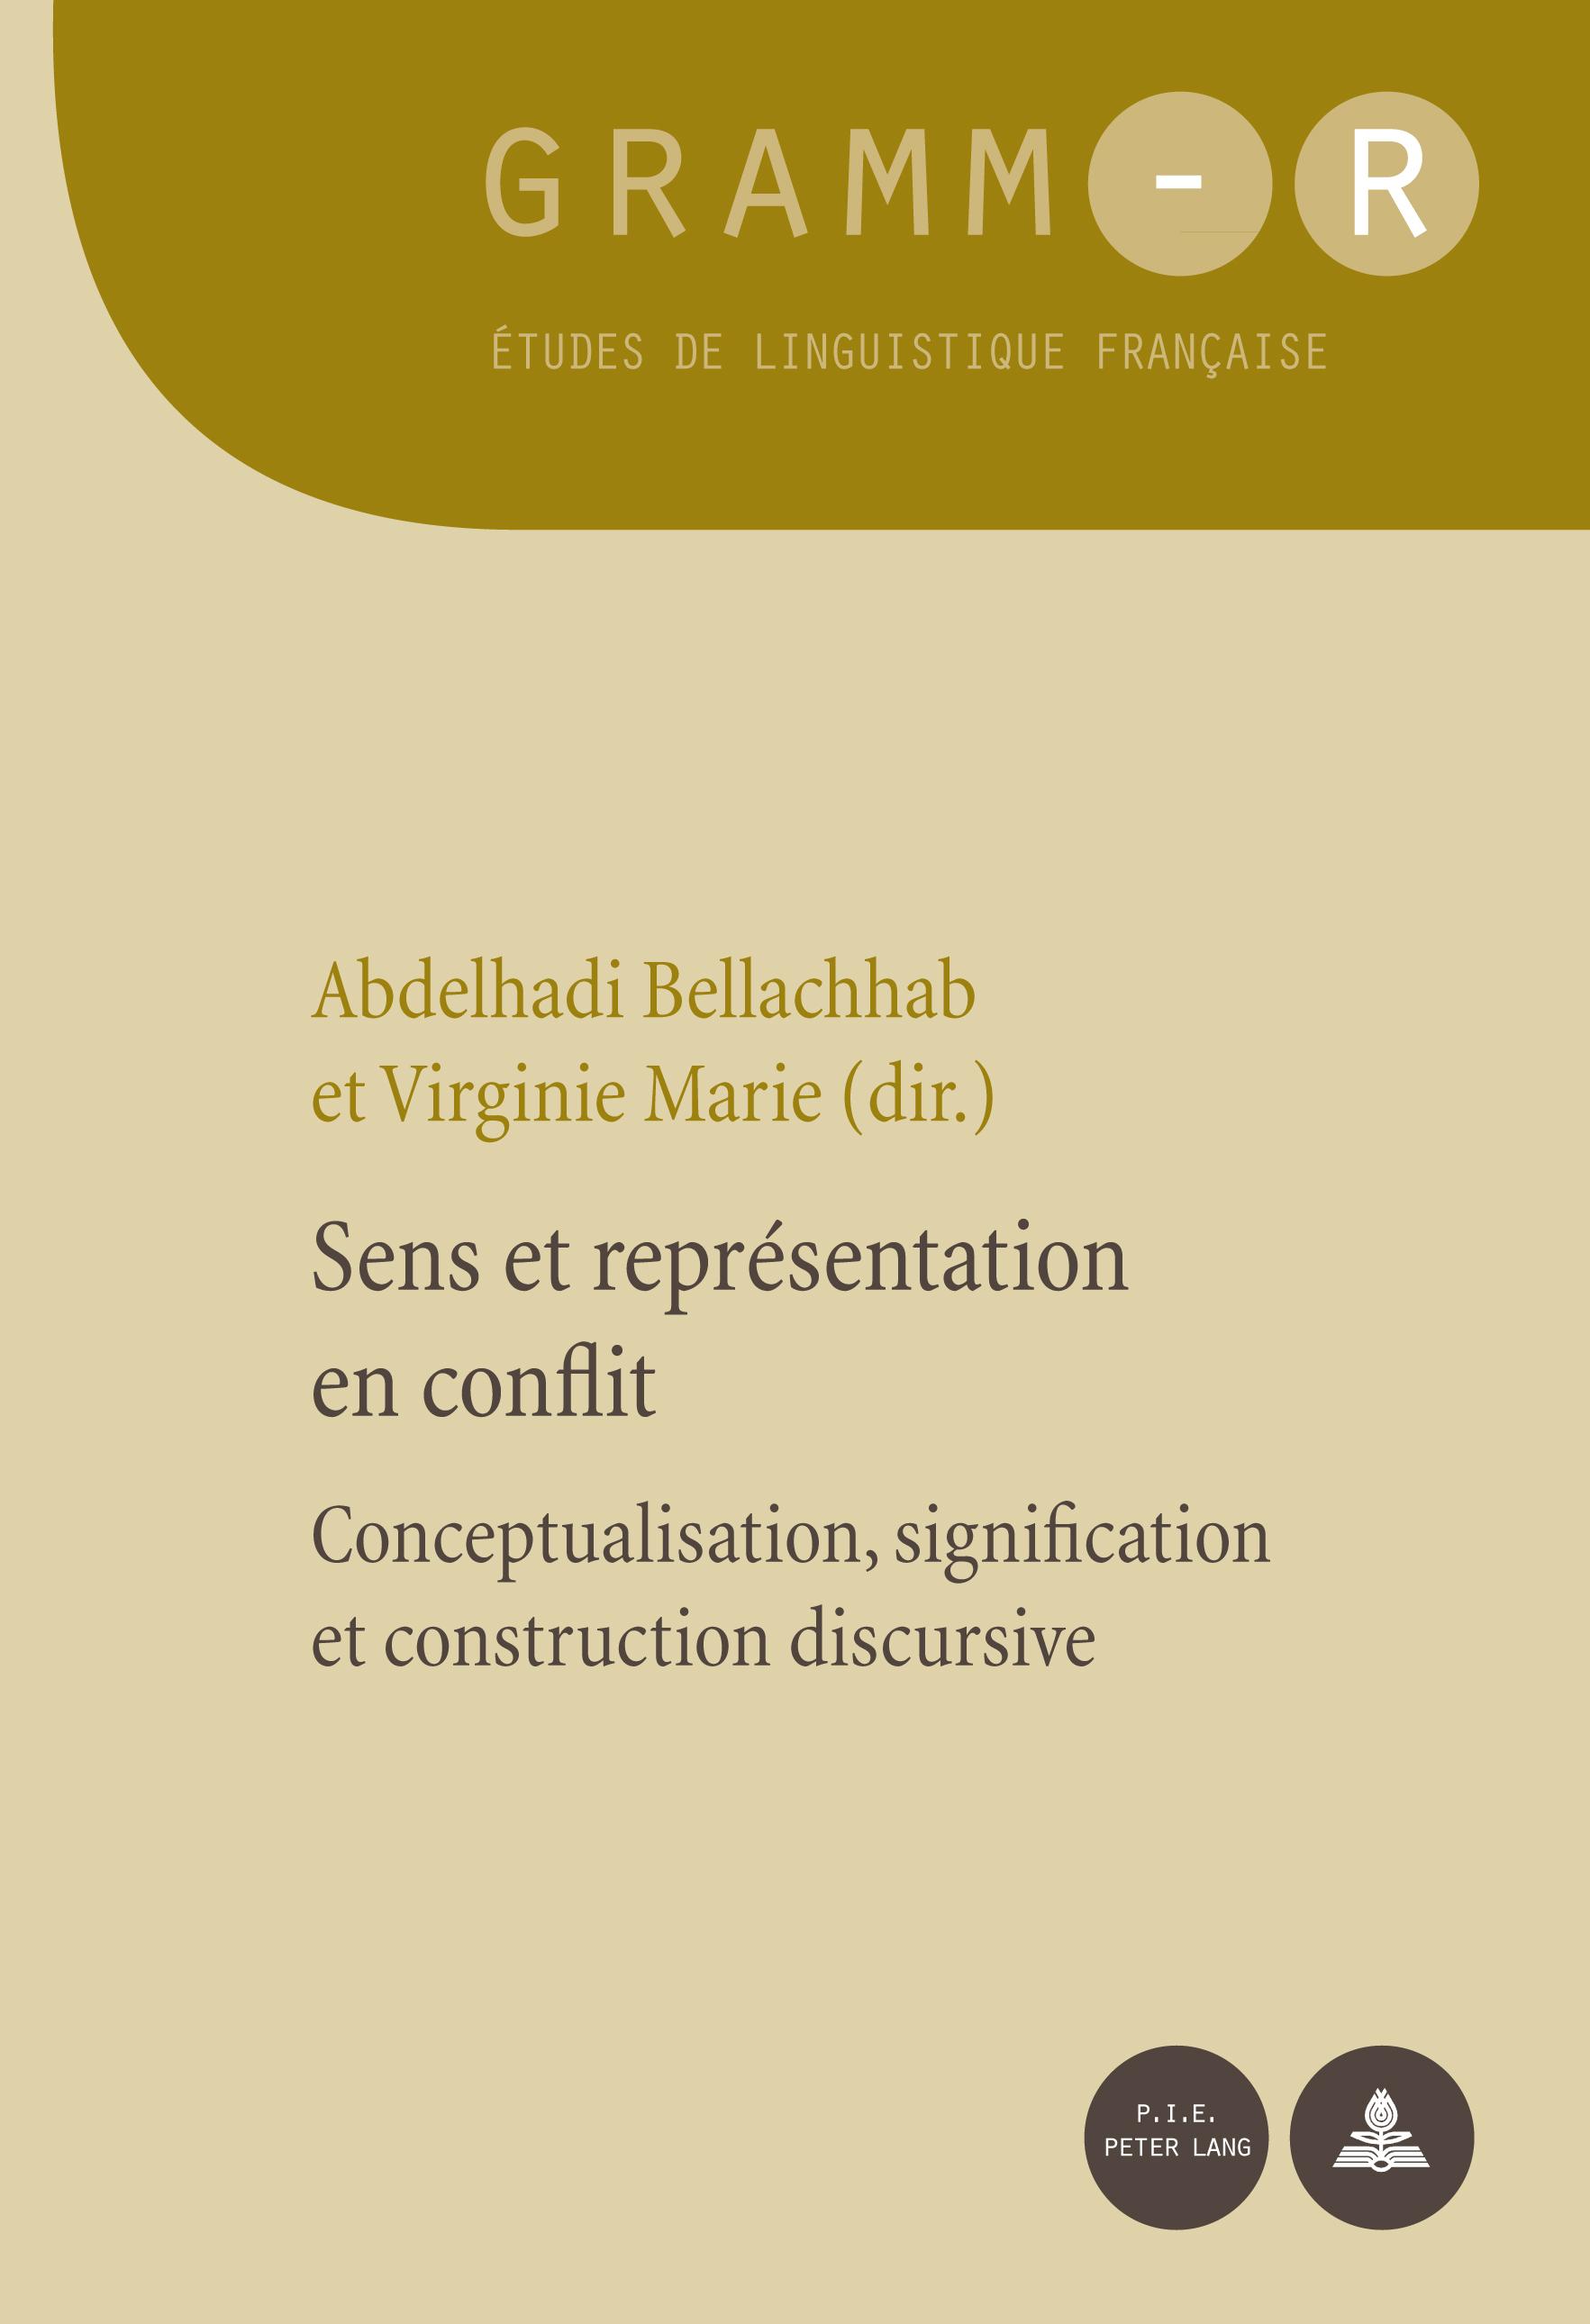 SENS ET REPRESENTATION EN CONFLIT CONCEPTUALISATION, SIGNIFICATION ET CONSTRUCTION DISCURSIVE